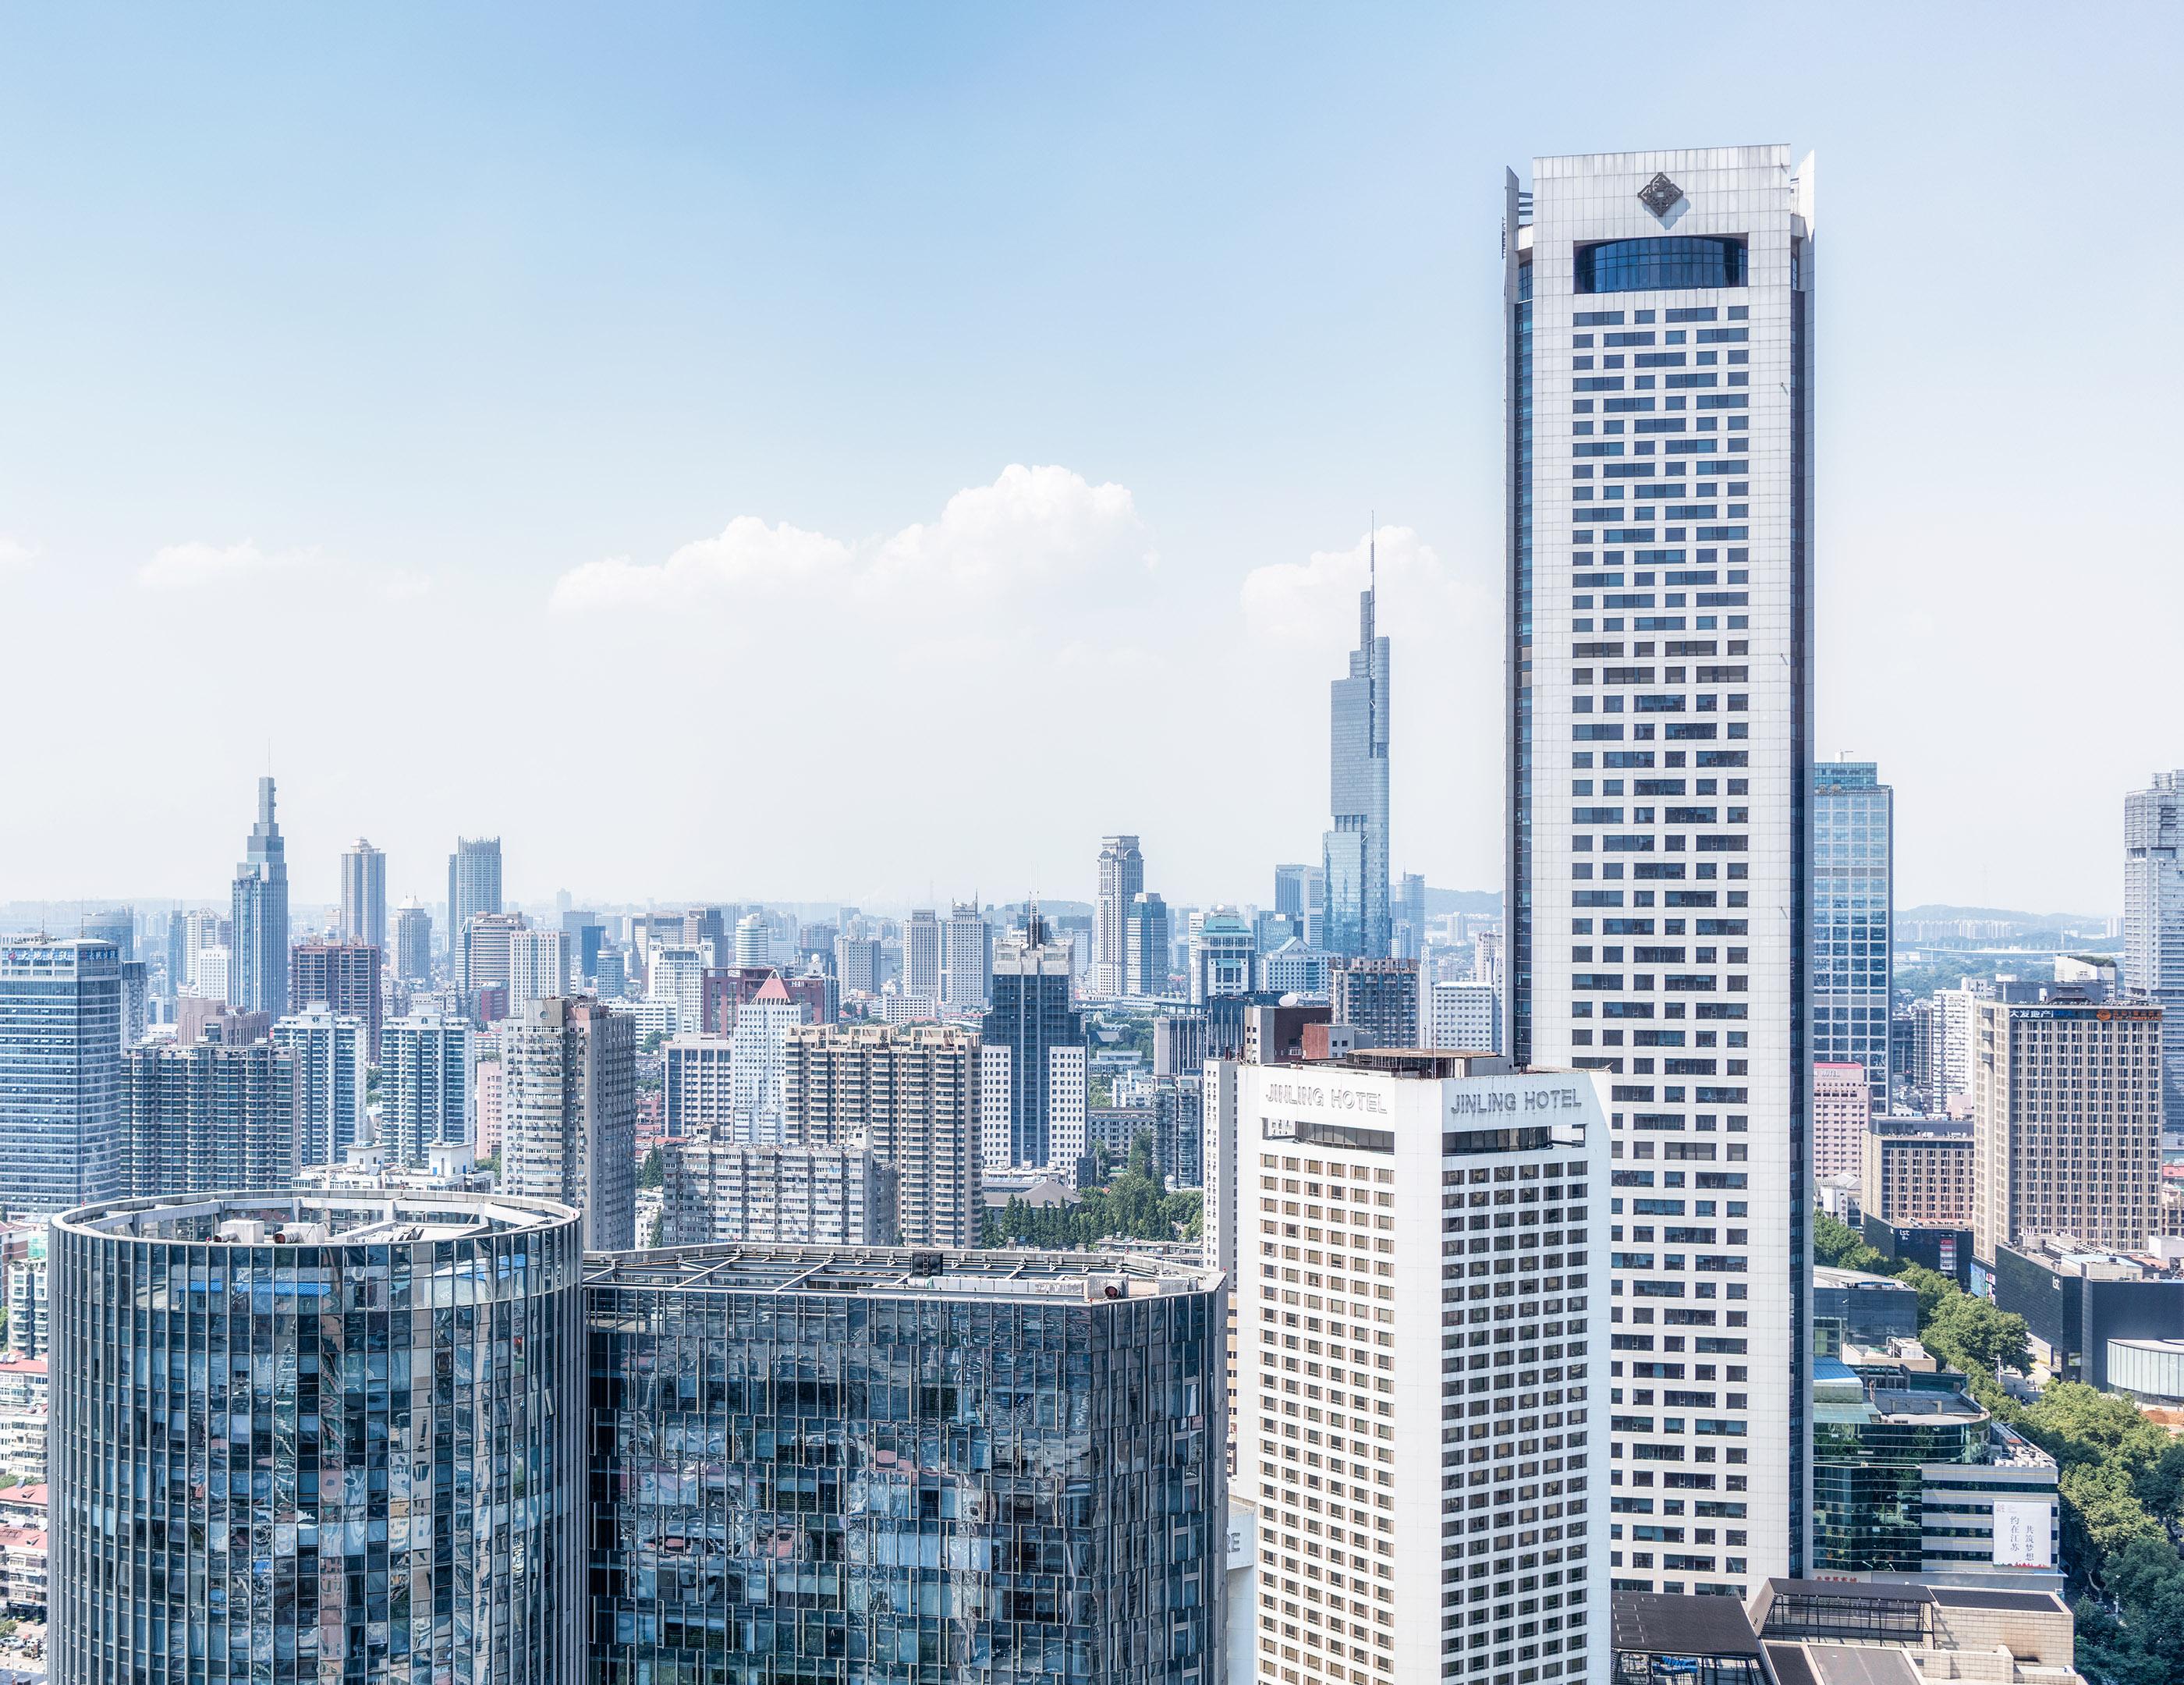 Nanjing Center and Jinling Hotel